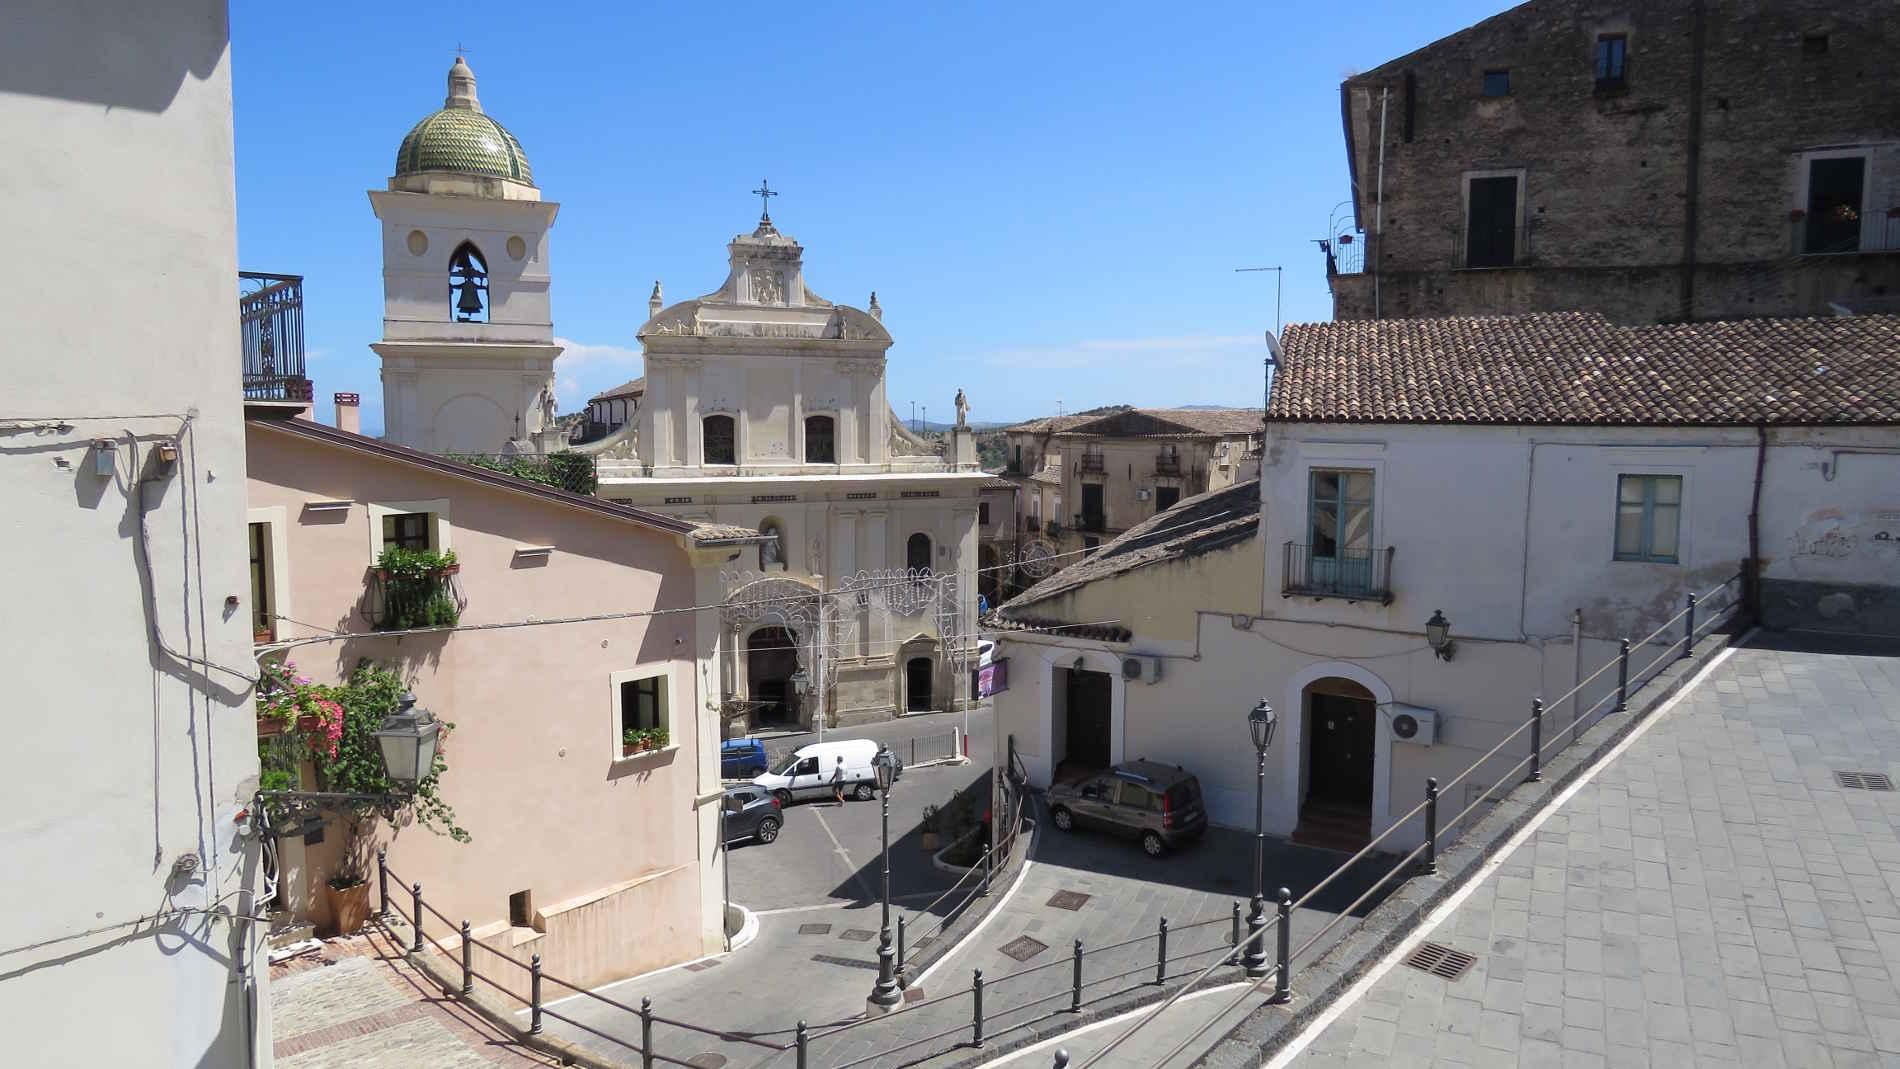 La Cattedrale di Rossano intitolata Maria Santissima Achiropita